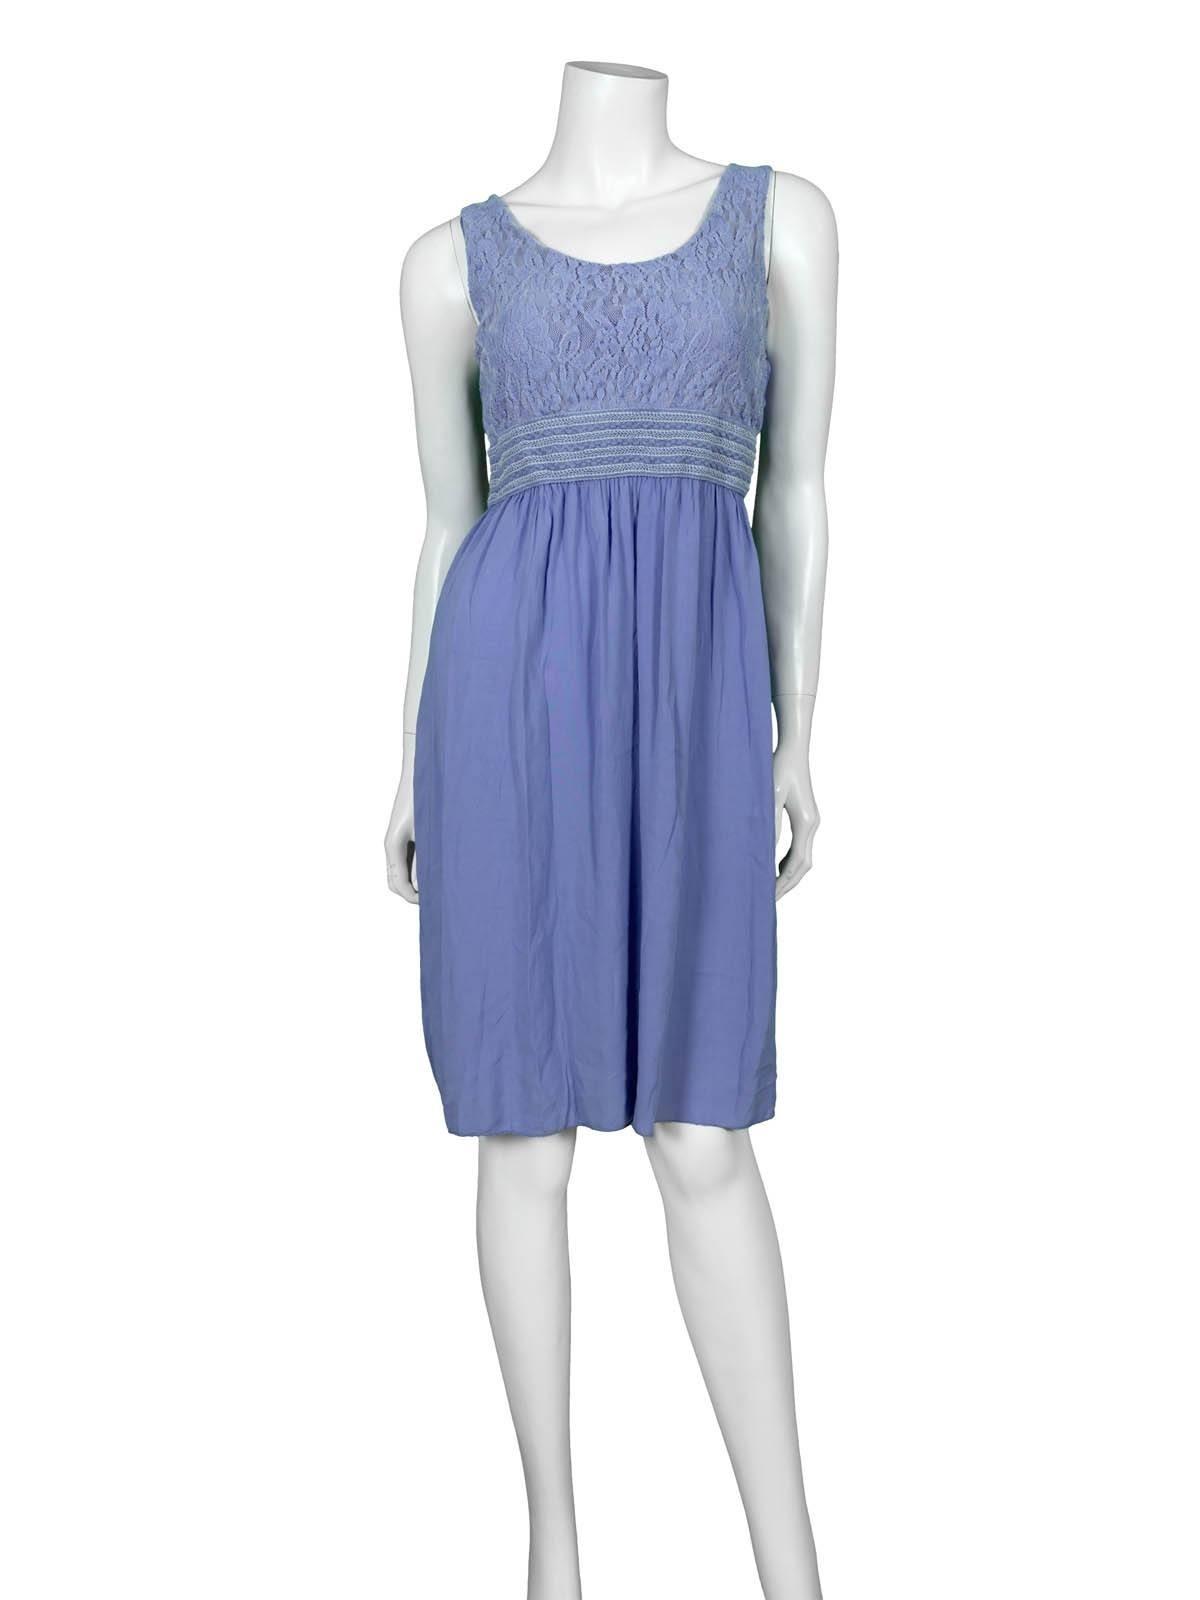 17 Schön Kleid Blau Mit Spitze Spezialgebiet10 Genial Kleid Blau Mit Spitze Boutique